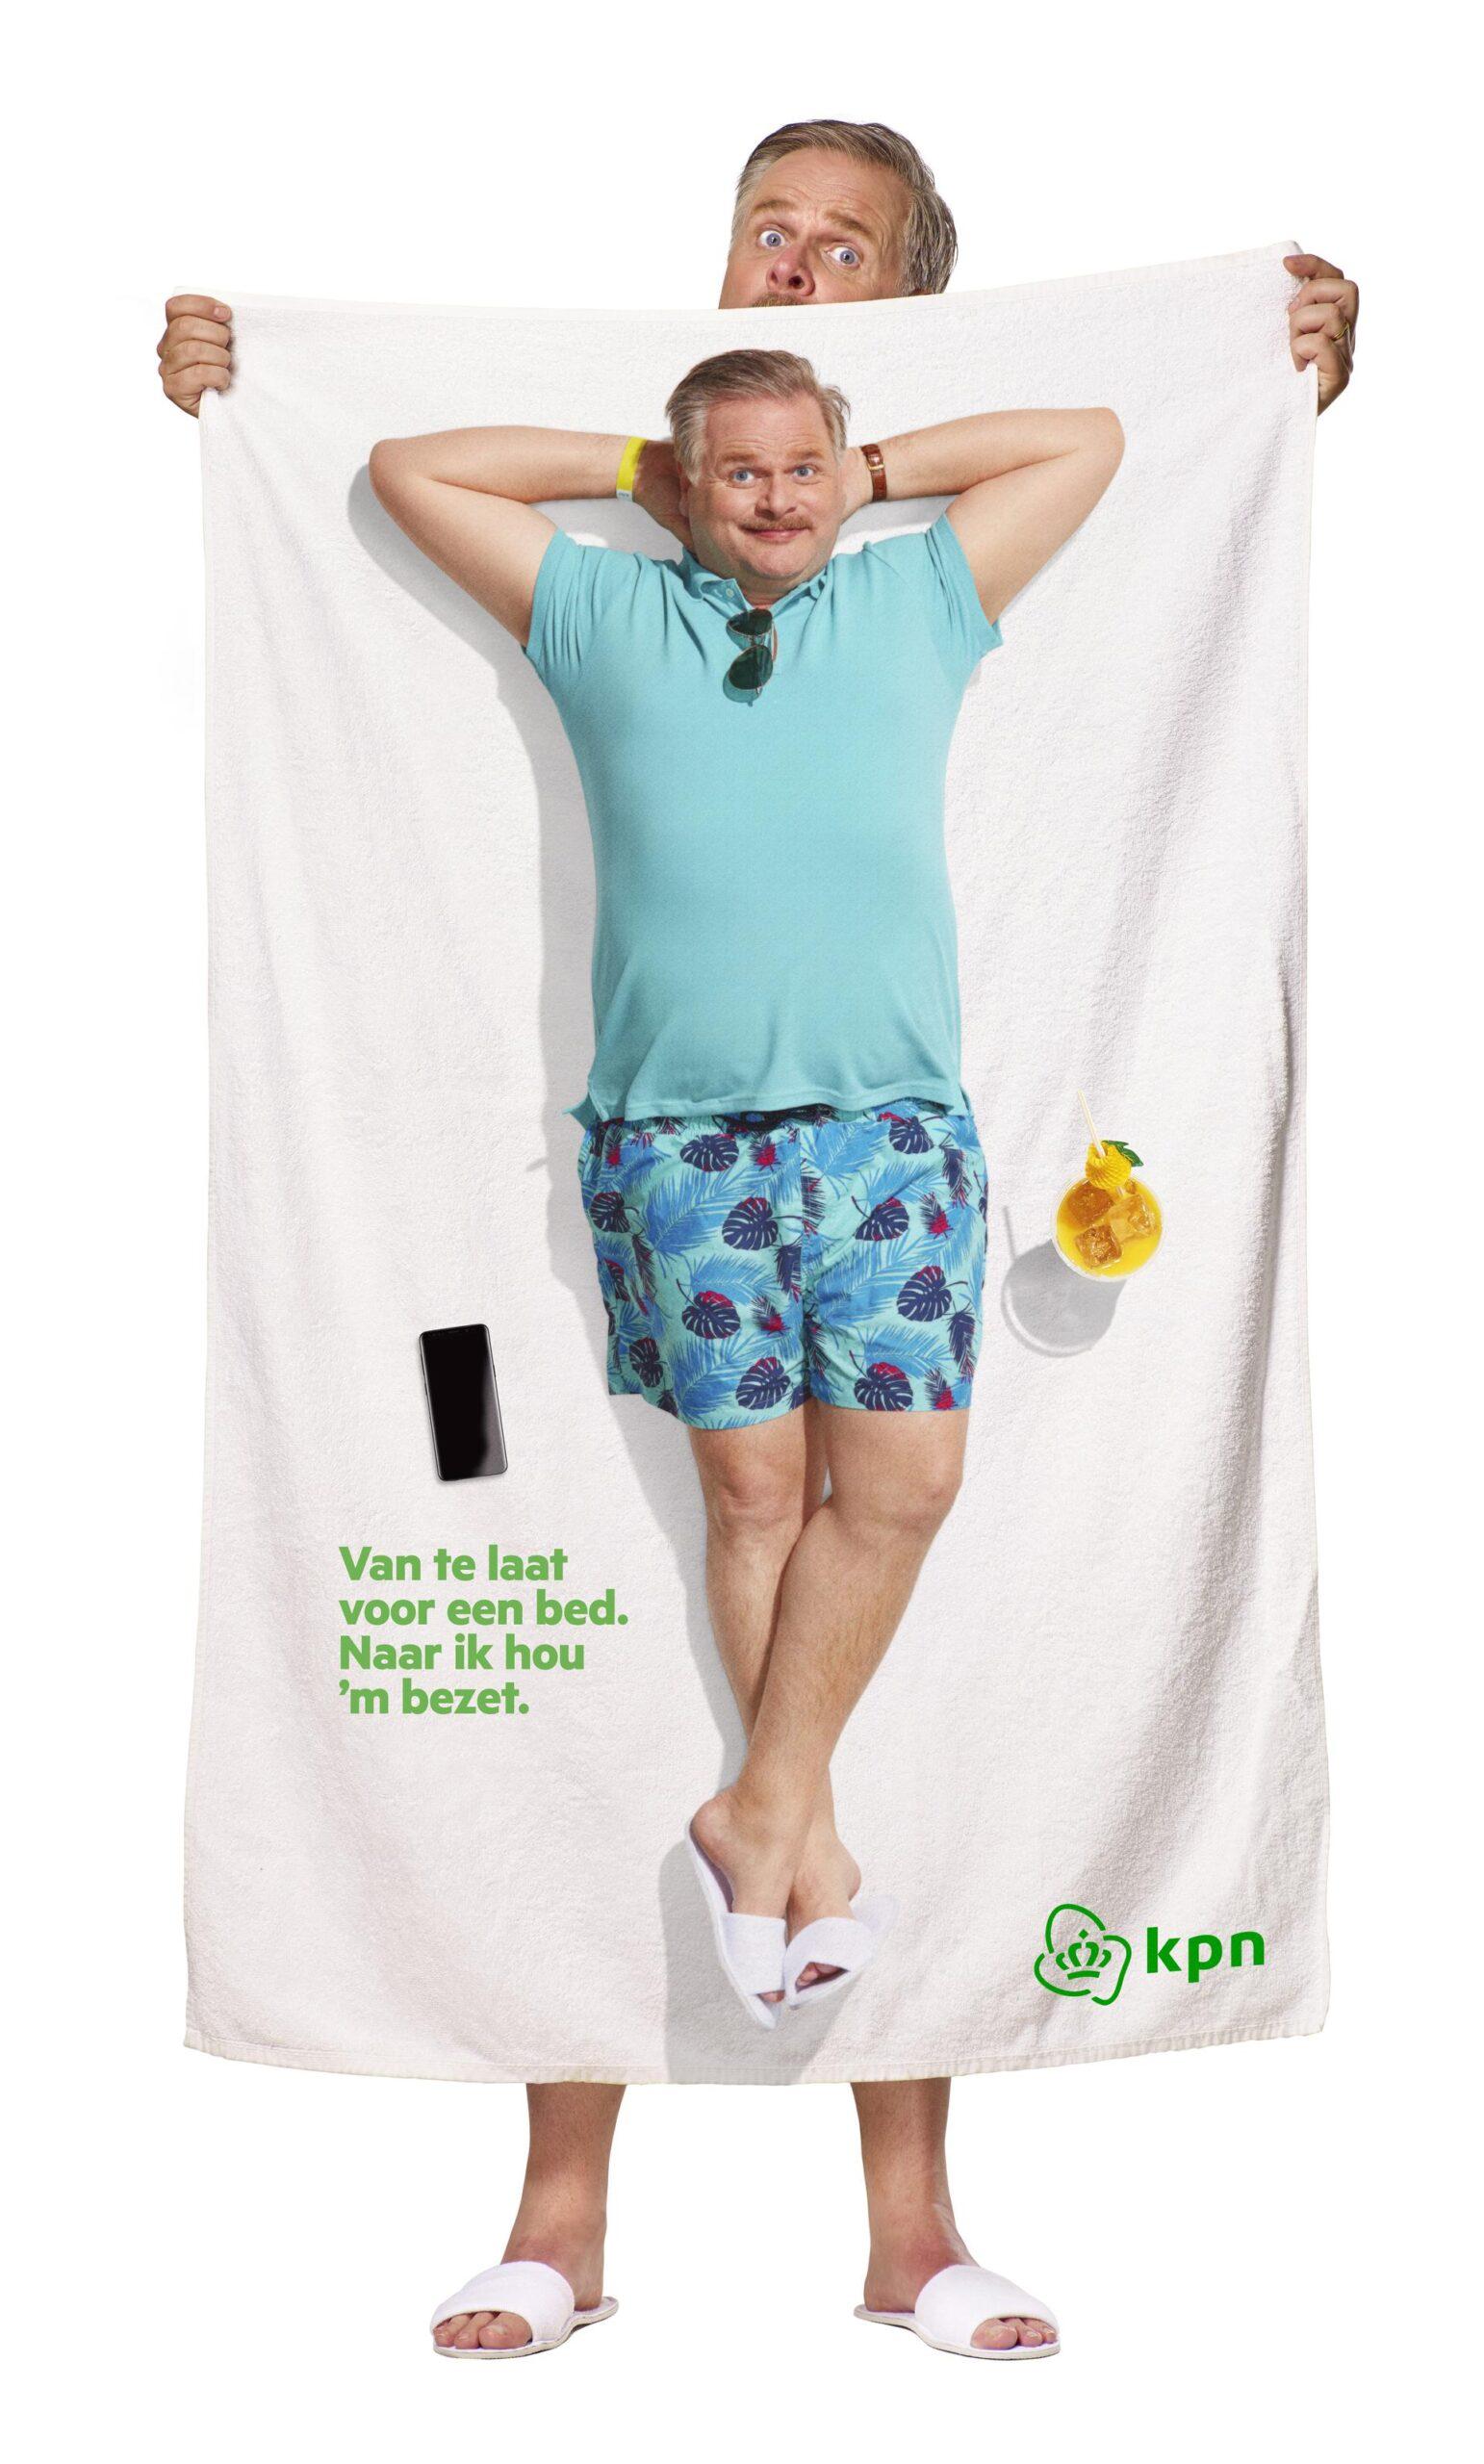 Bedrukte handdoeken bestellen